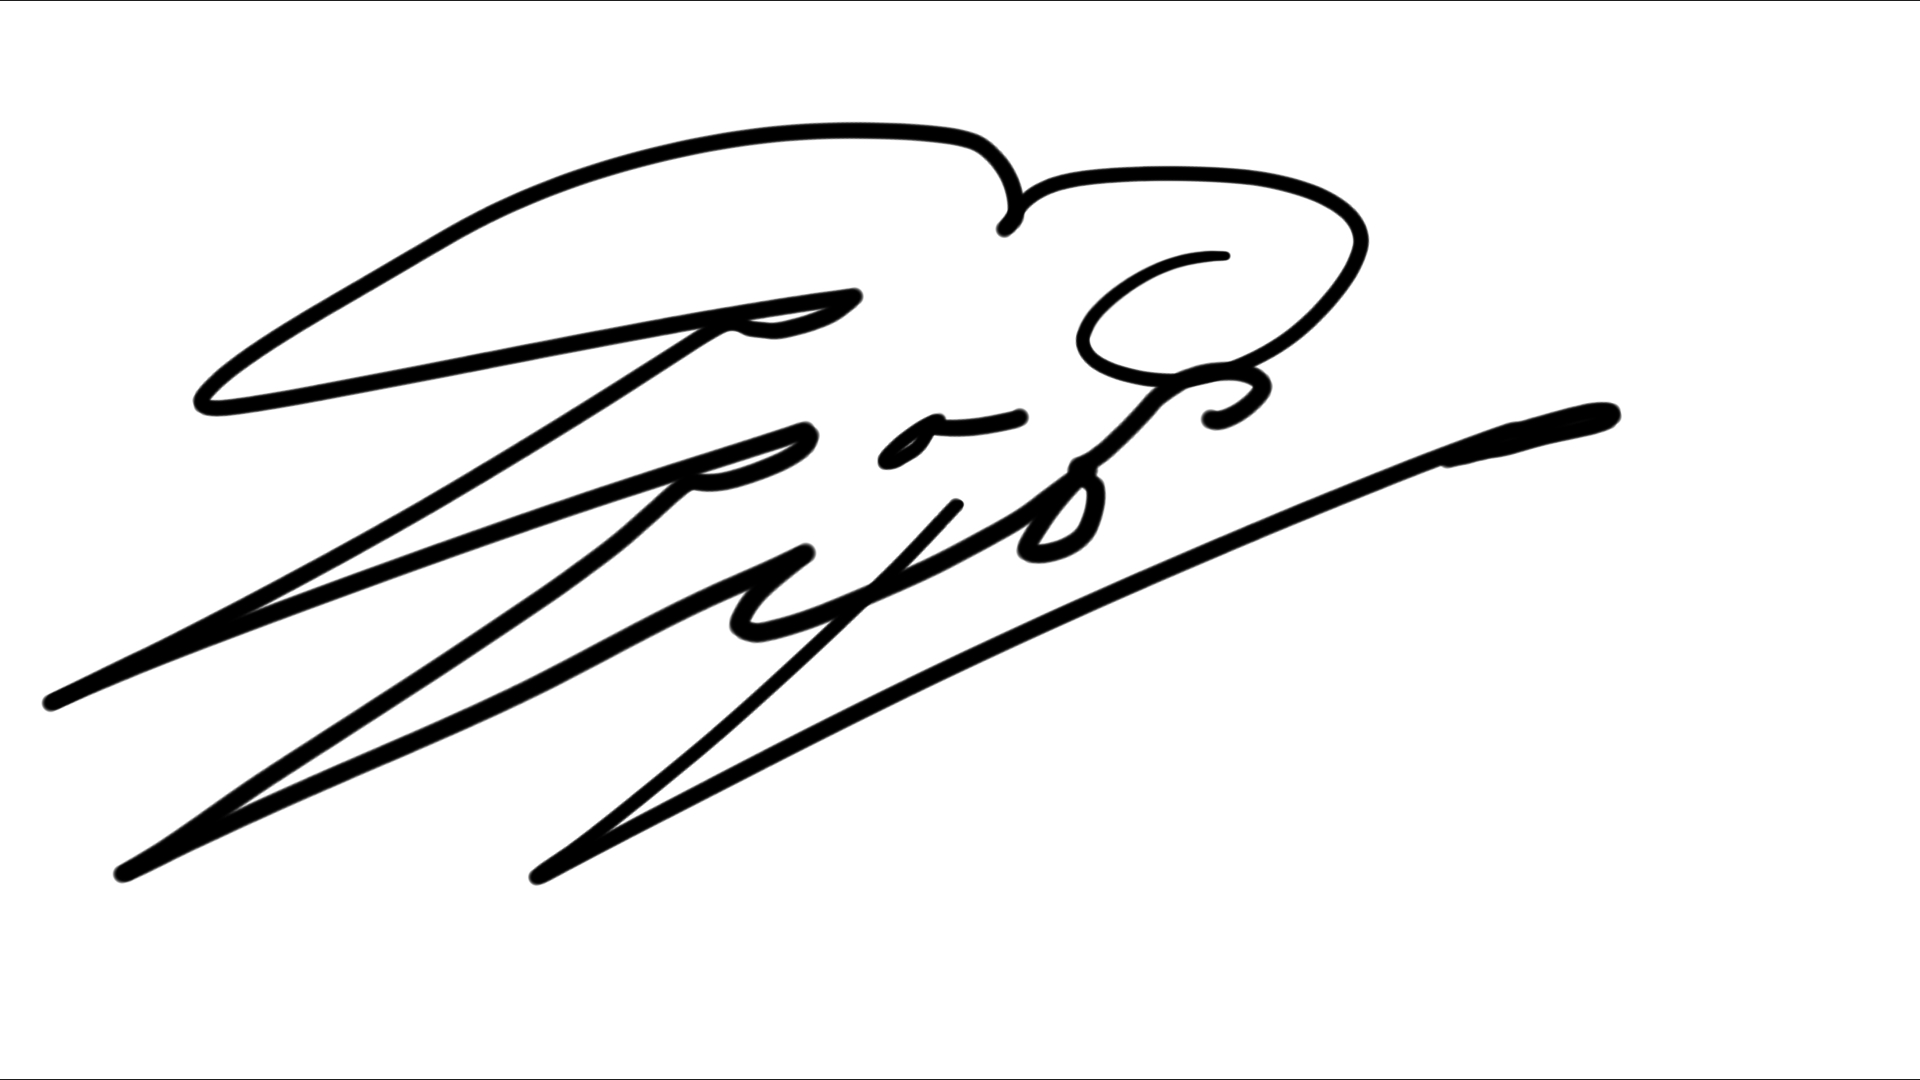 cerritos's Signature